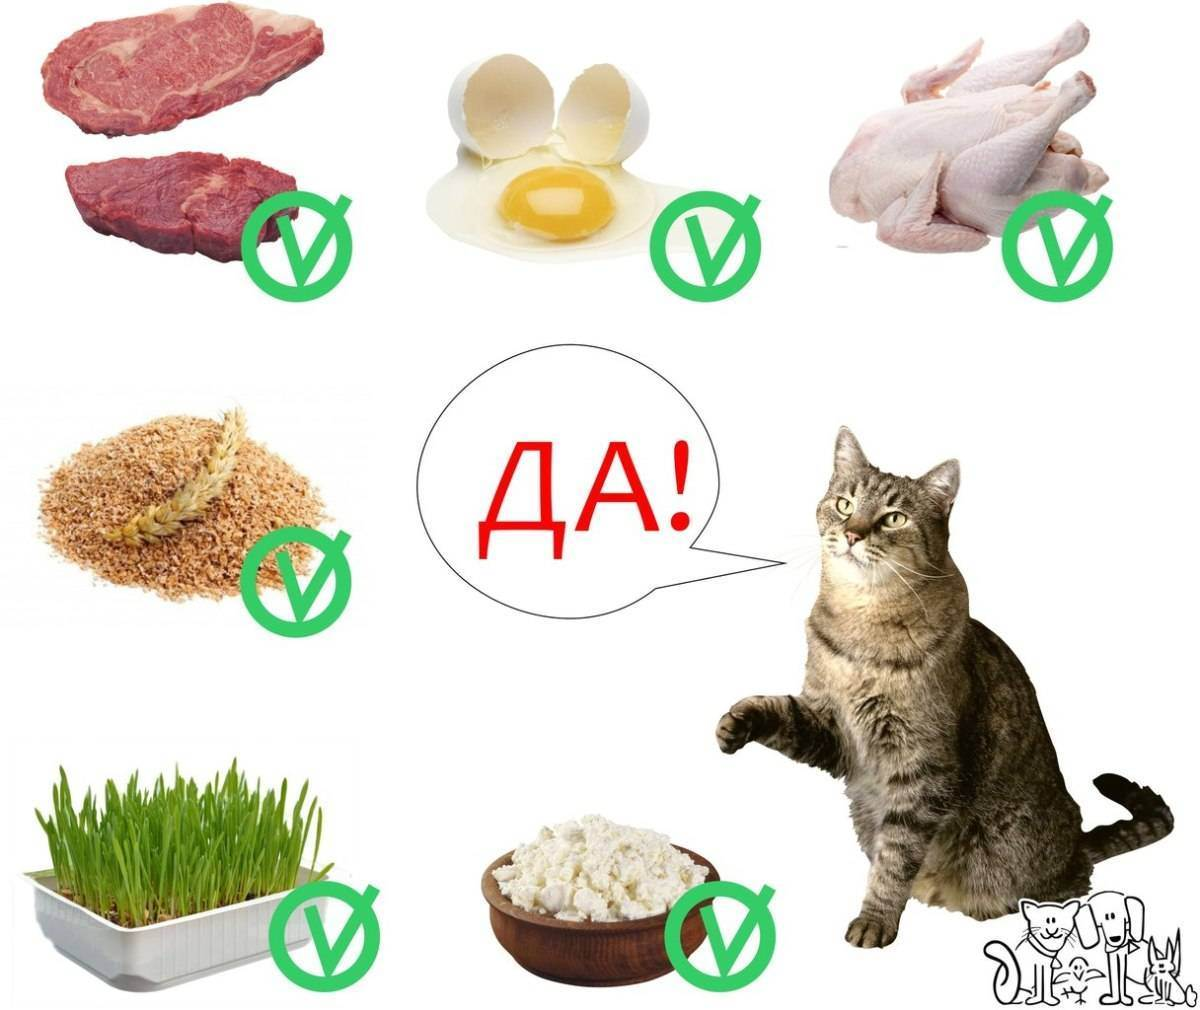 Лучший корм для кошек по мнению ветеринаров: чем кормить, рейтинг самых популярных, какой рекомендуют, советы и отзывы